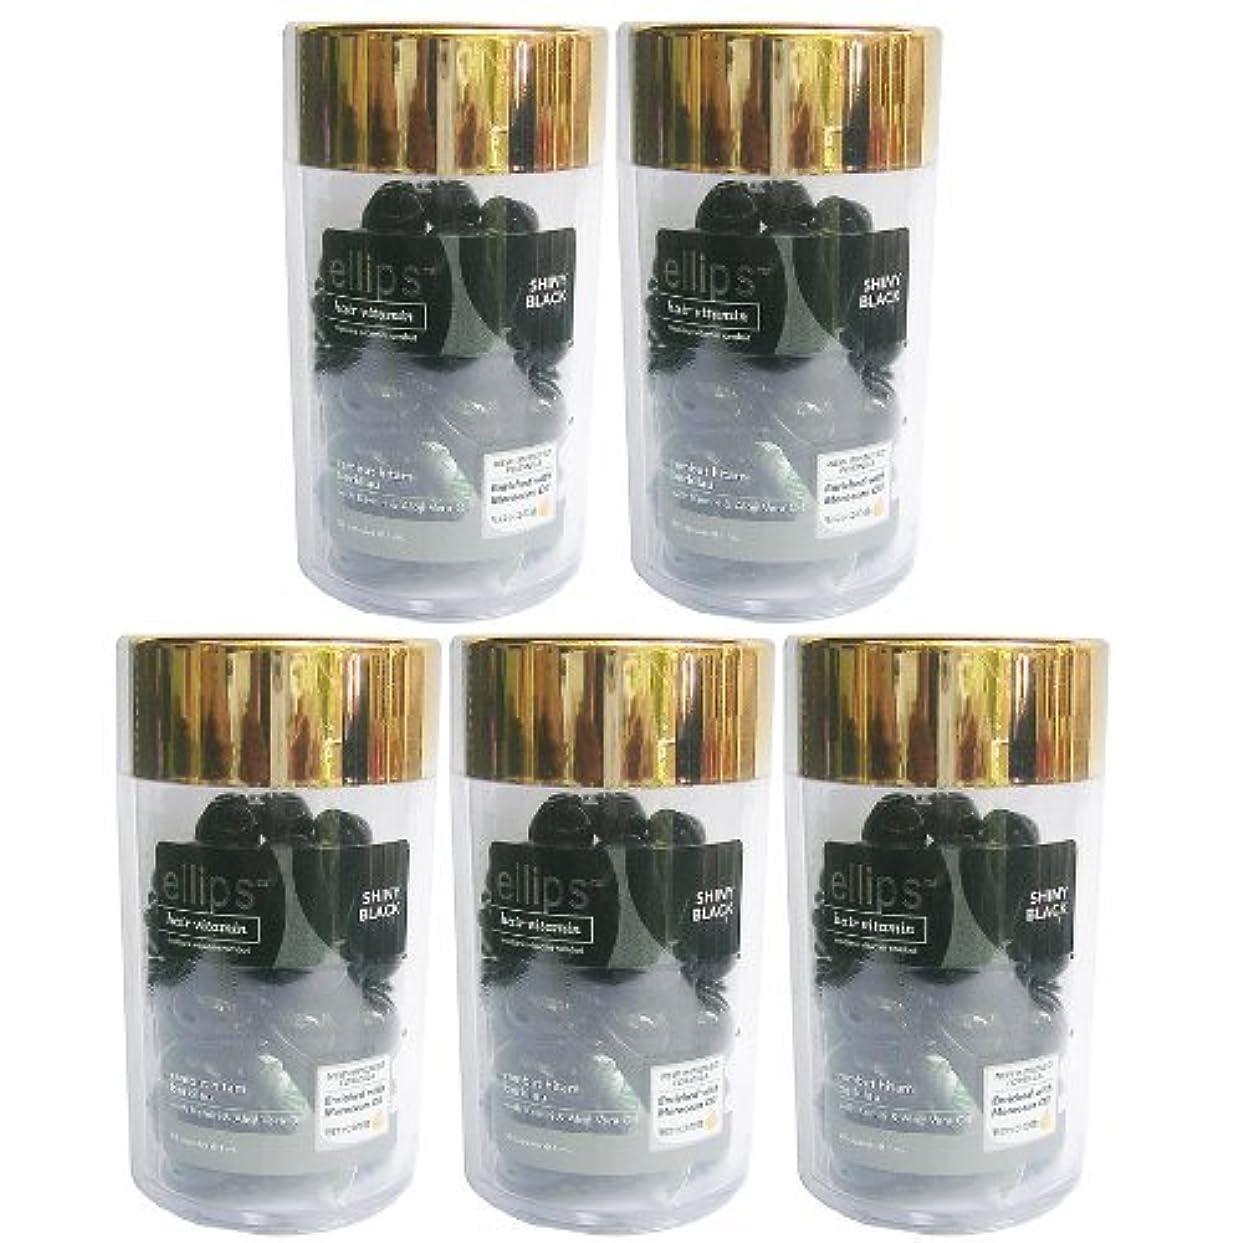 アプト変装癌エリップスellipsヘアビタミン洗い流さないヘアトリートメント50粒入ボトル5本組(海外直送品)(並行輸入品) (黒5本)